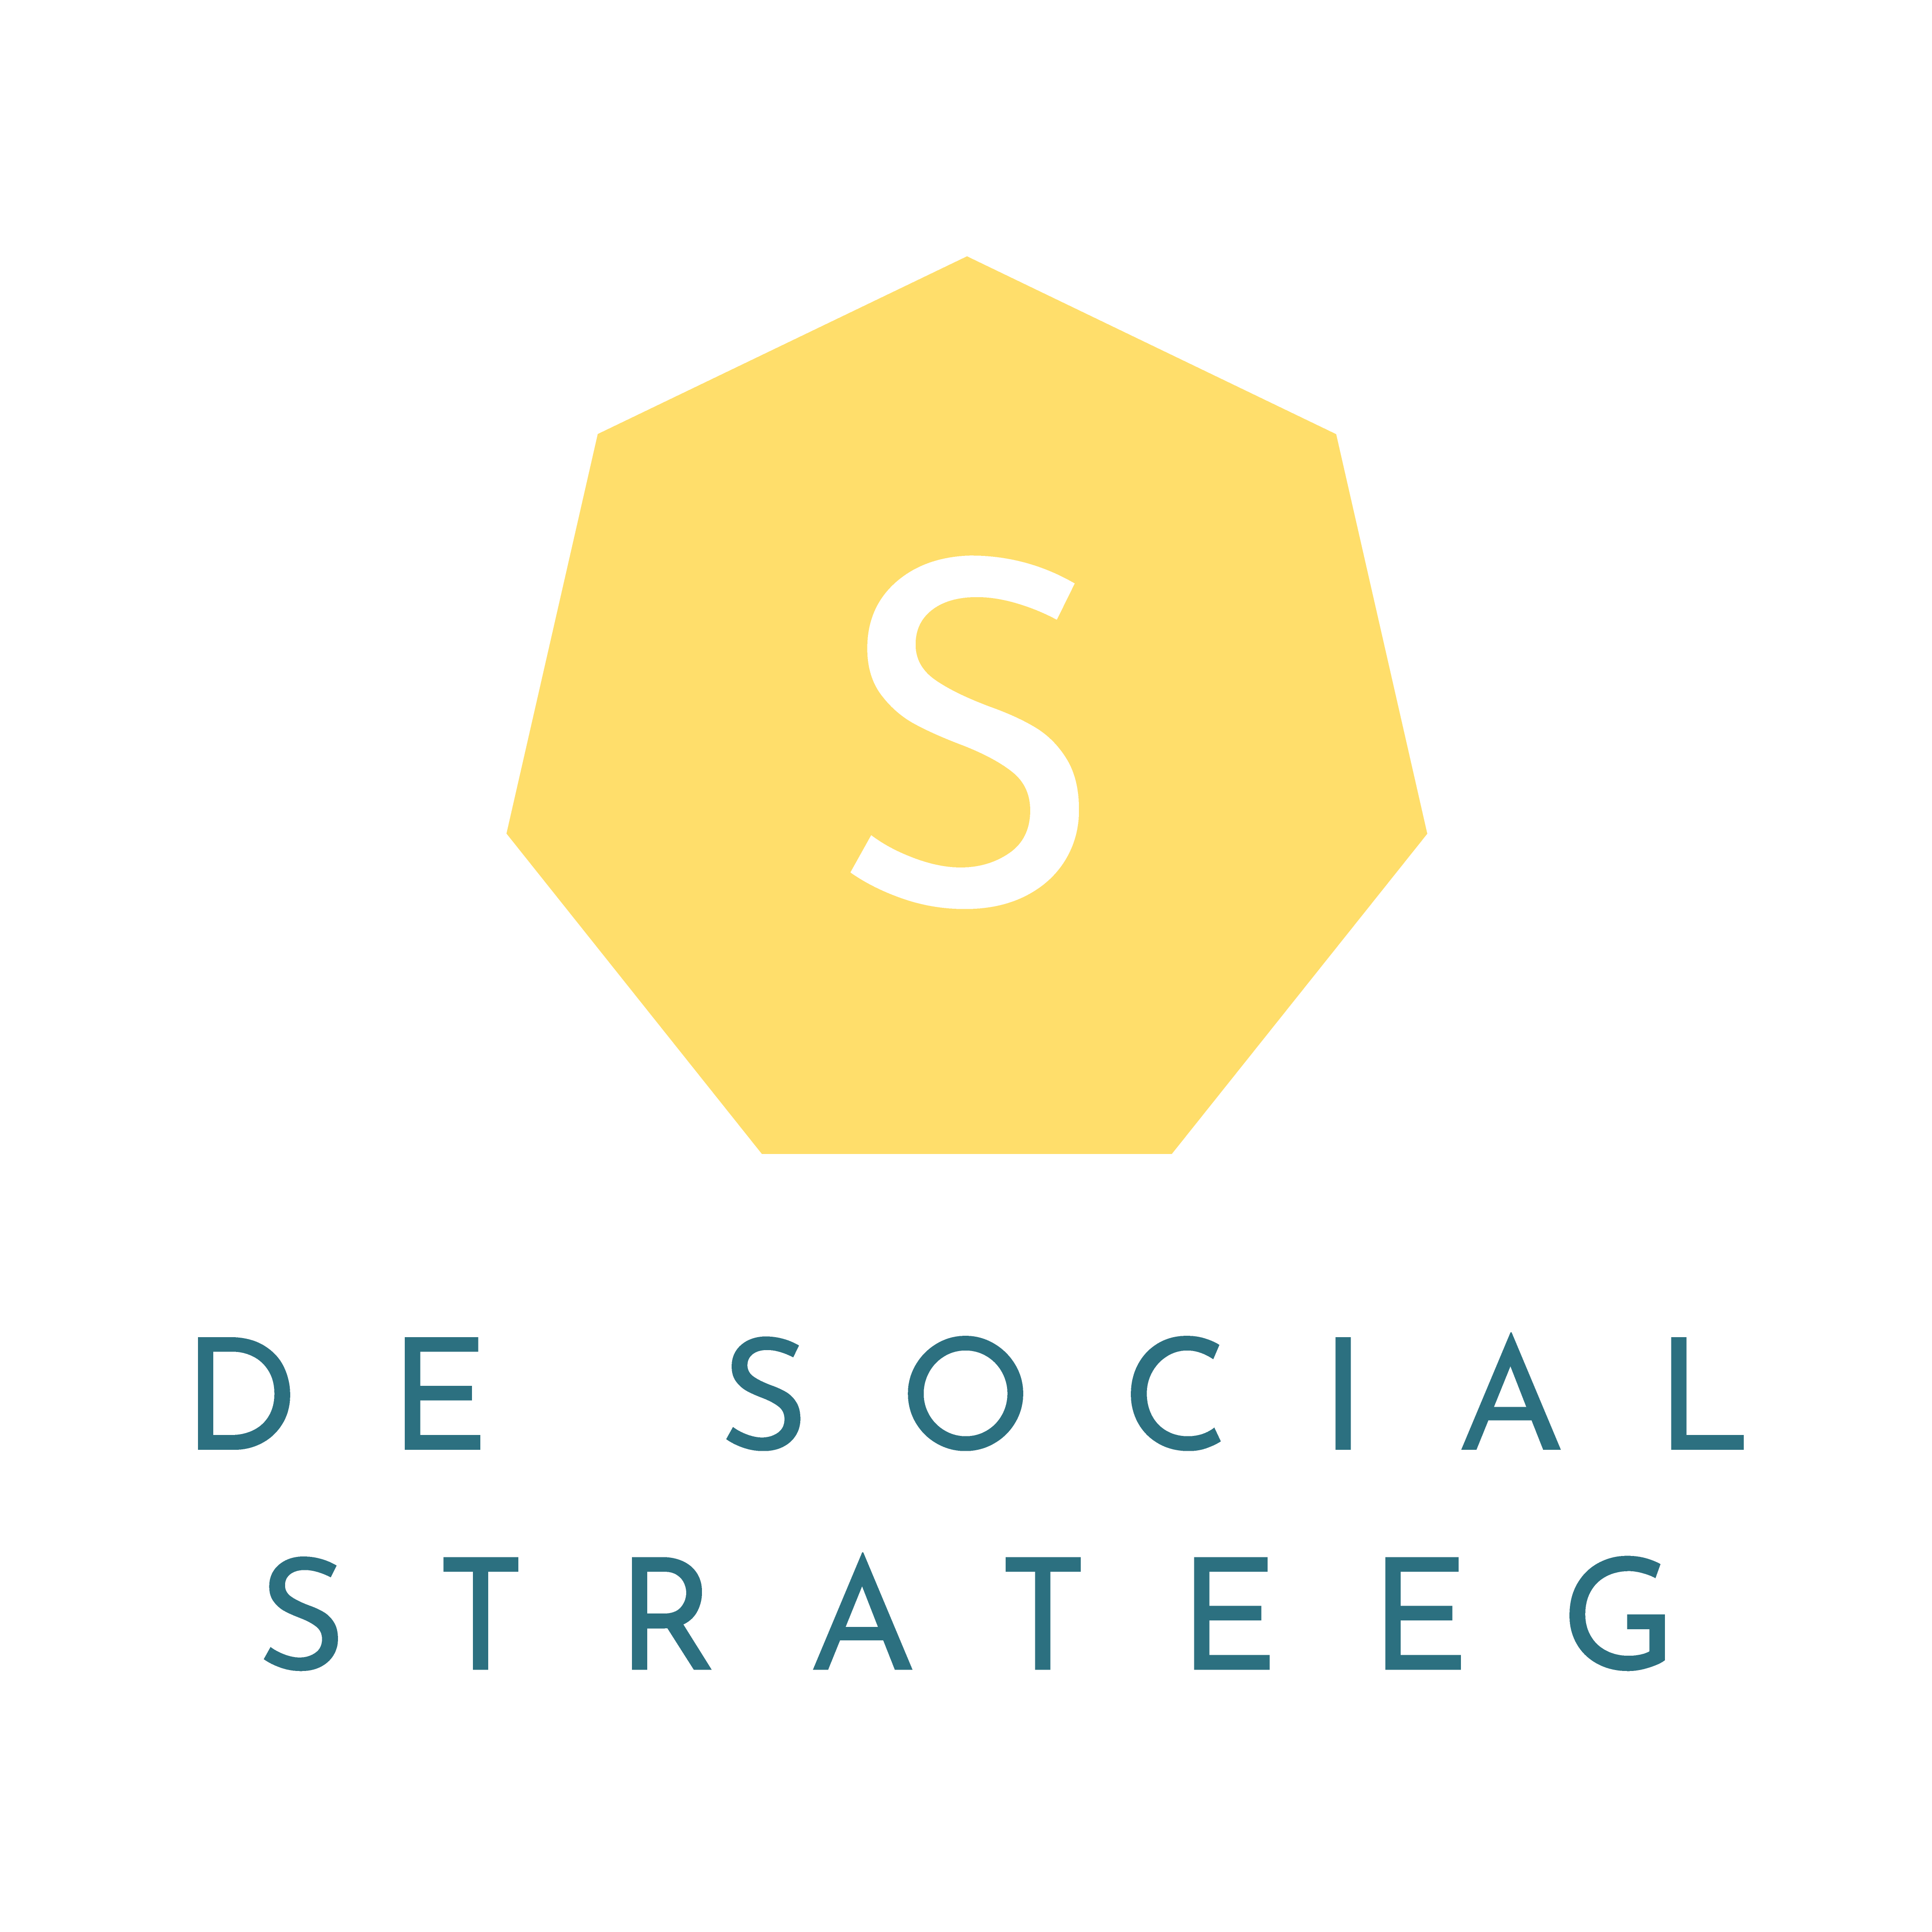 De Social Strateeg